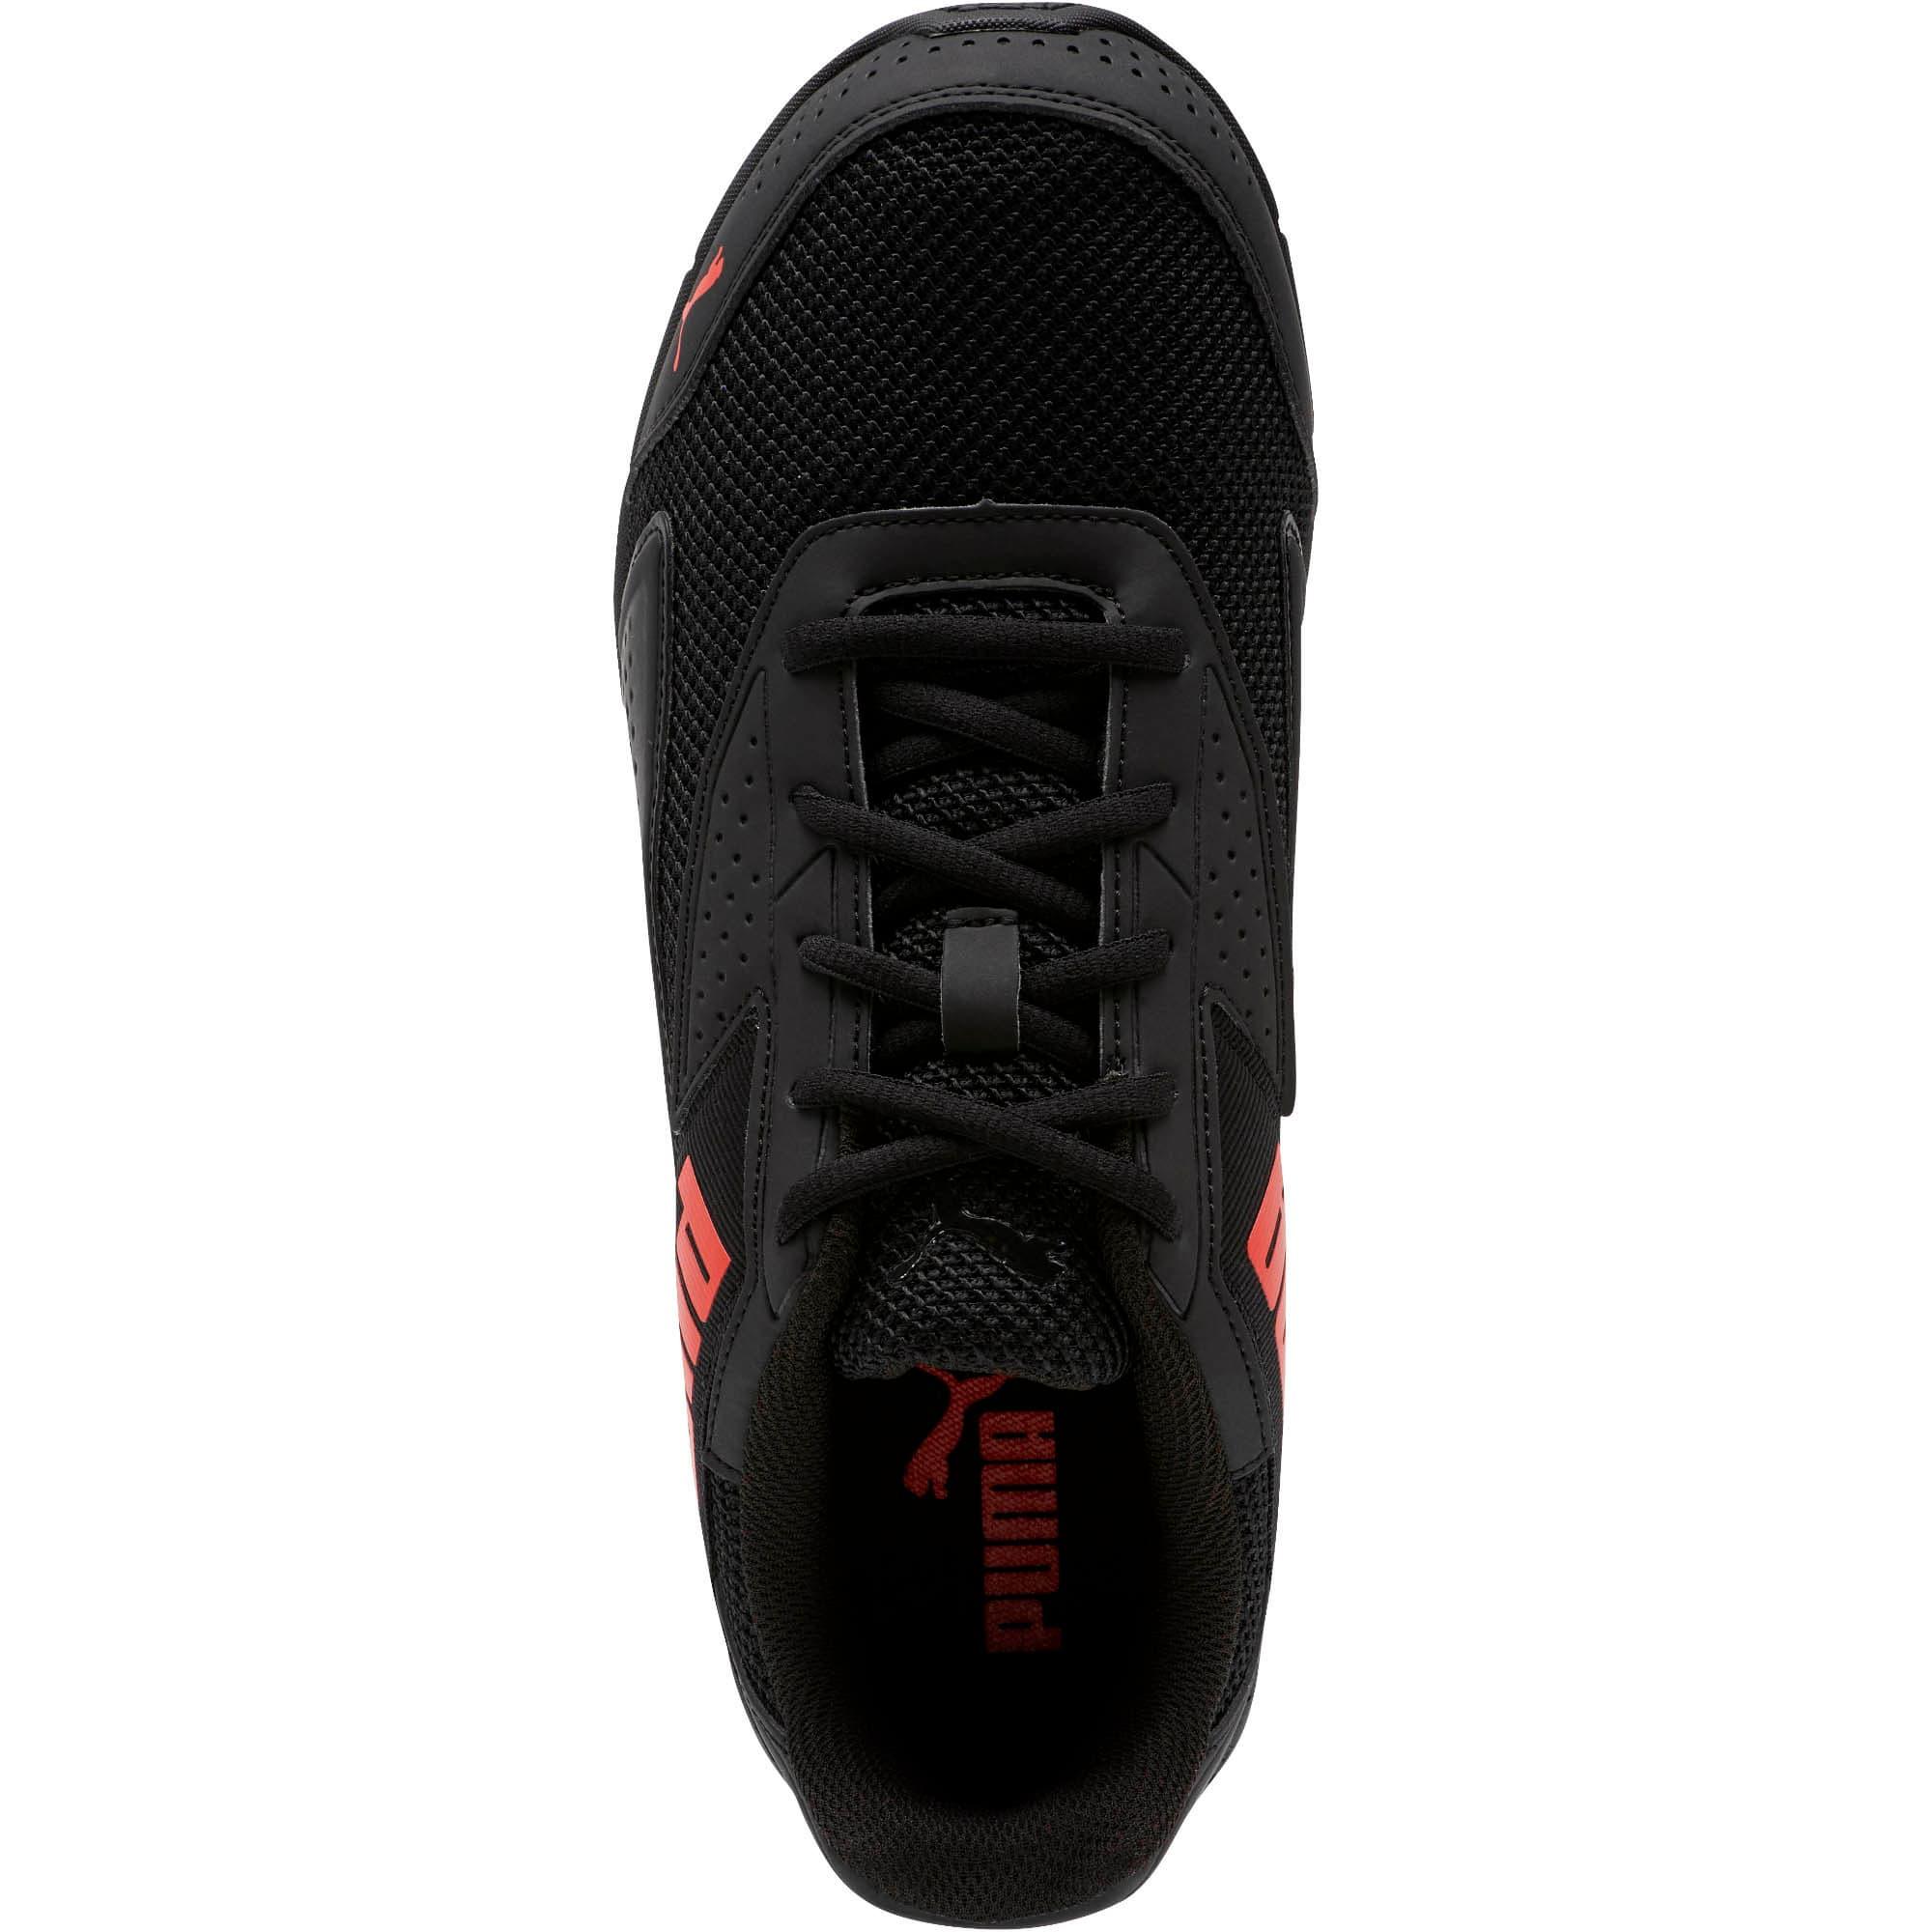 Miniatura 5 de Zapatos de entrenamiento Leader VT Bold, Puma Black-High Risk Red, mediano